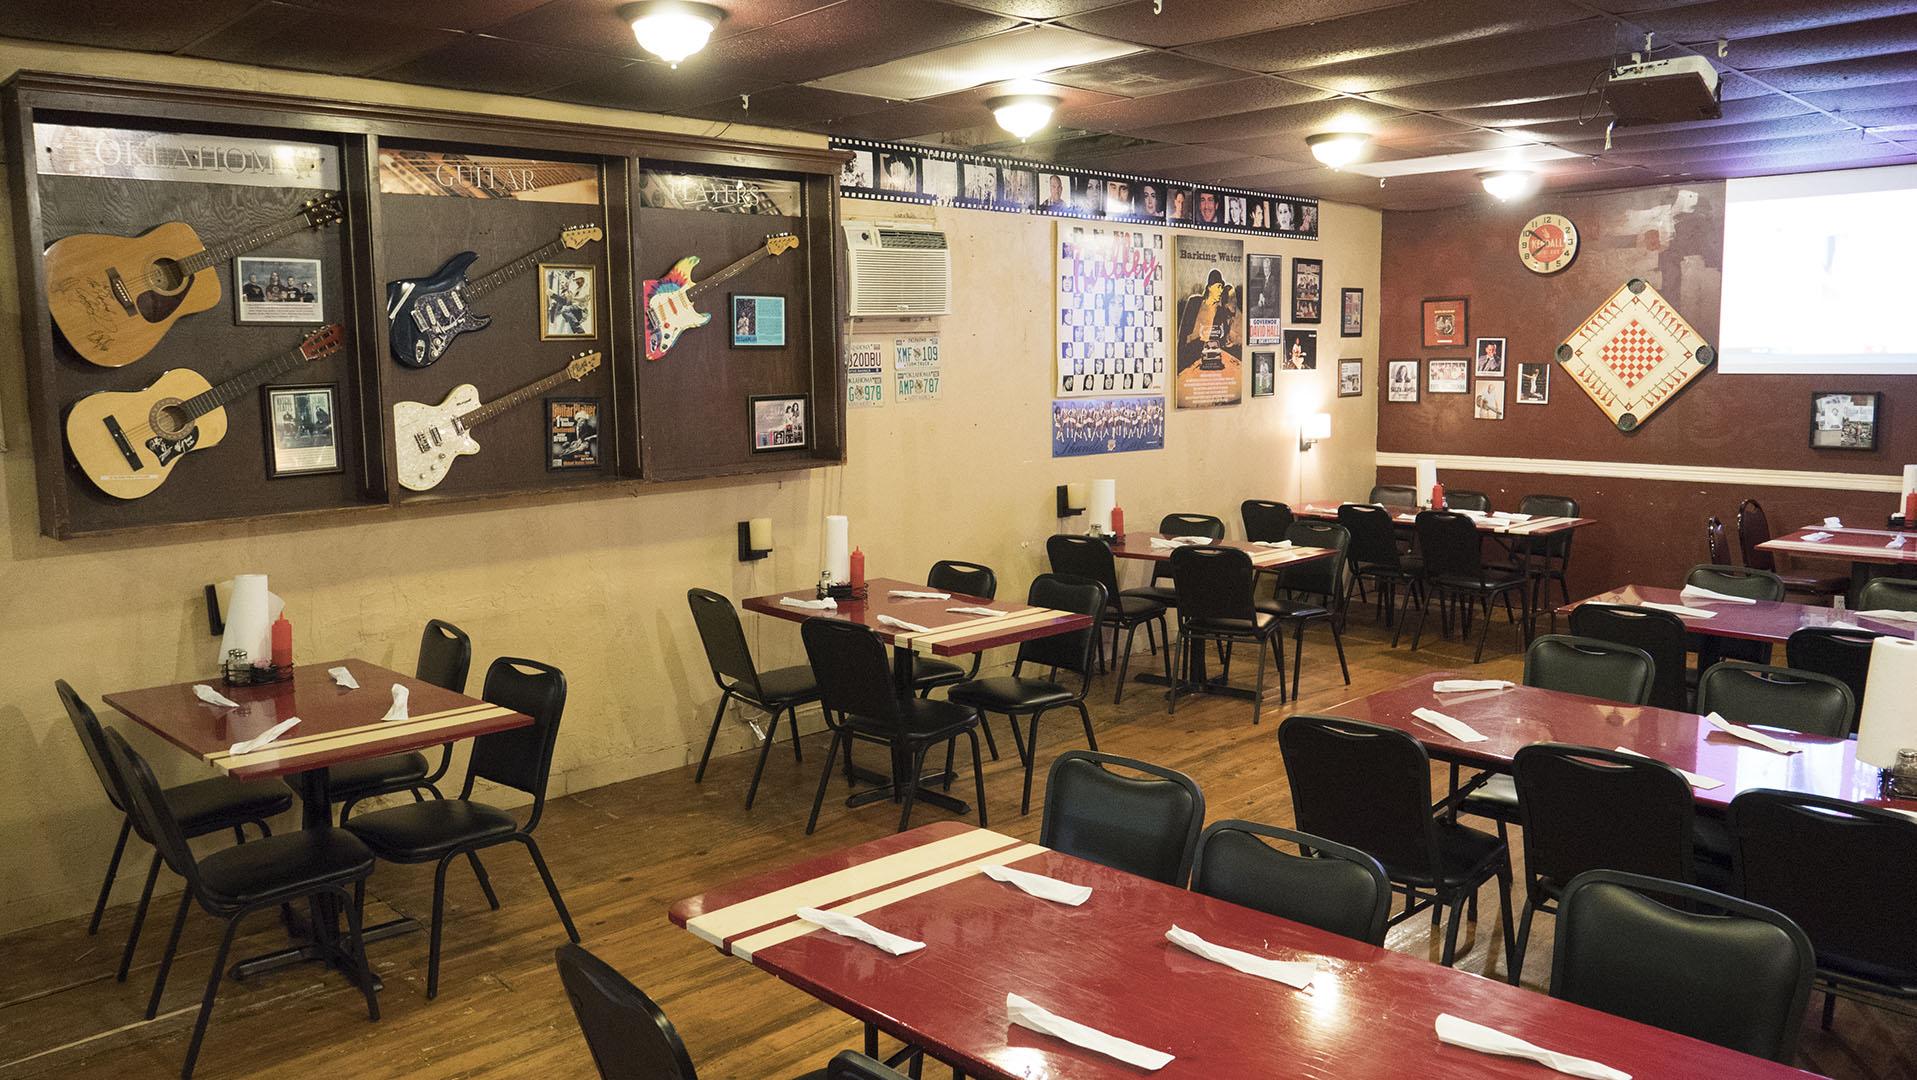 Kendall's Restaurant - photo by Dennis Spielman